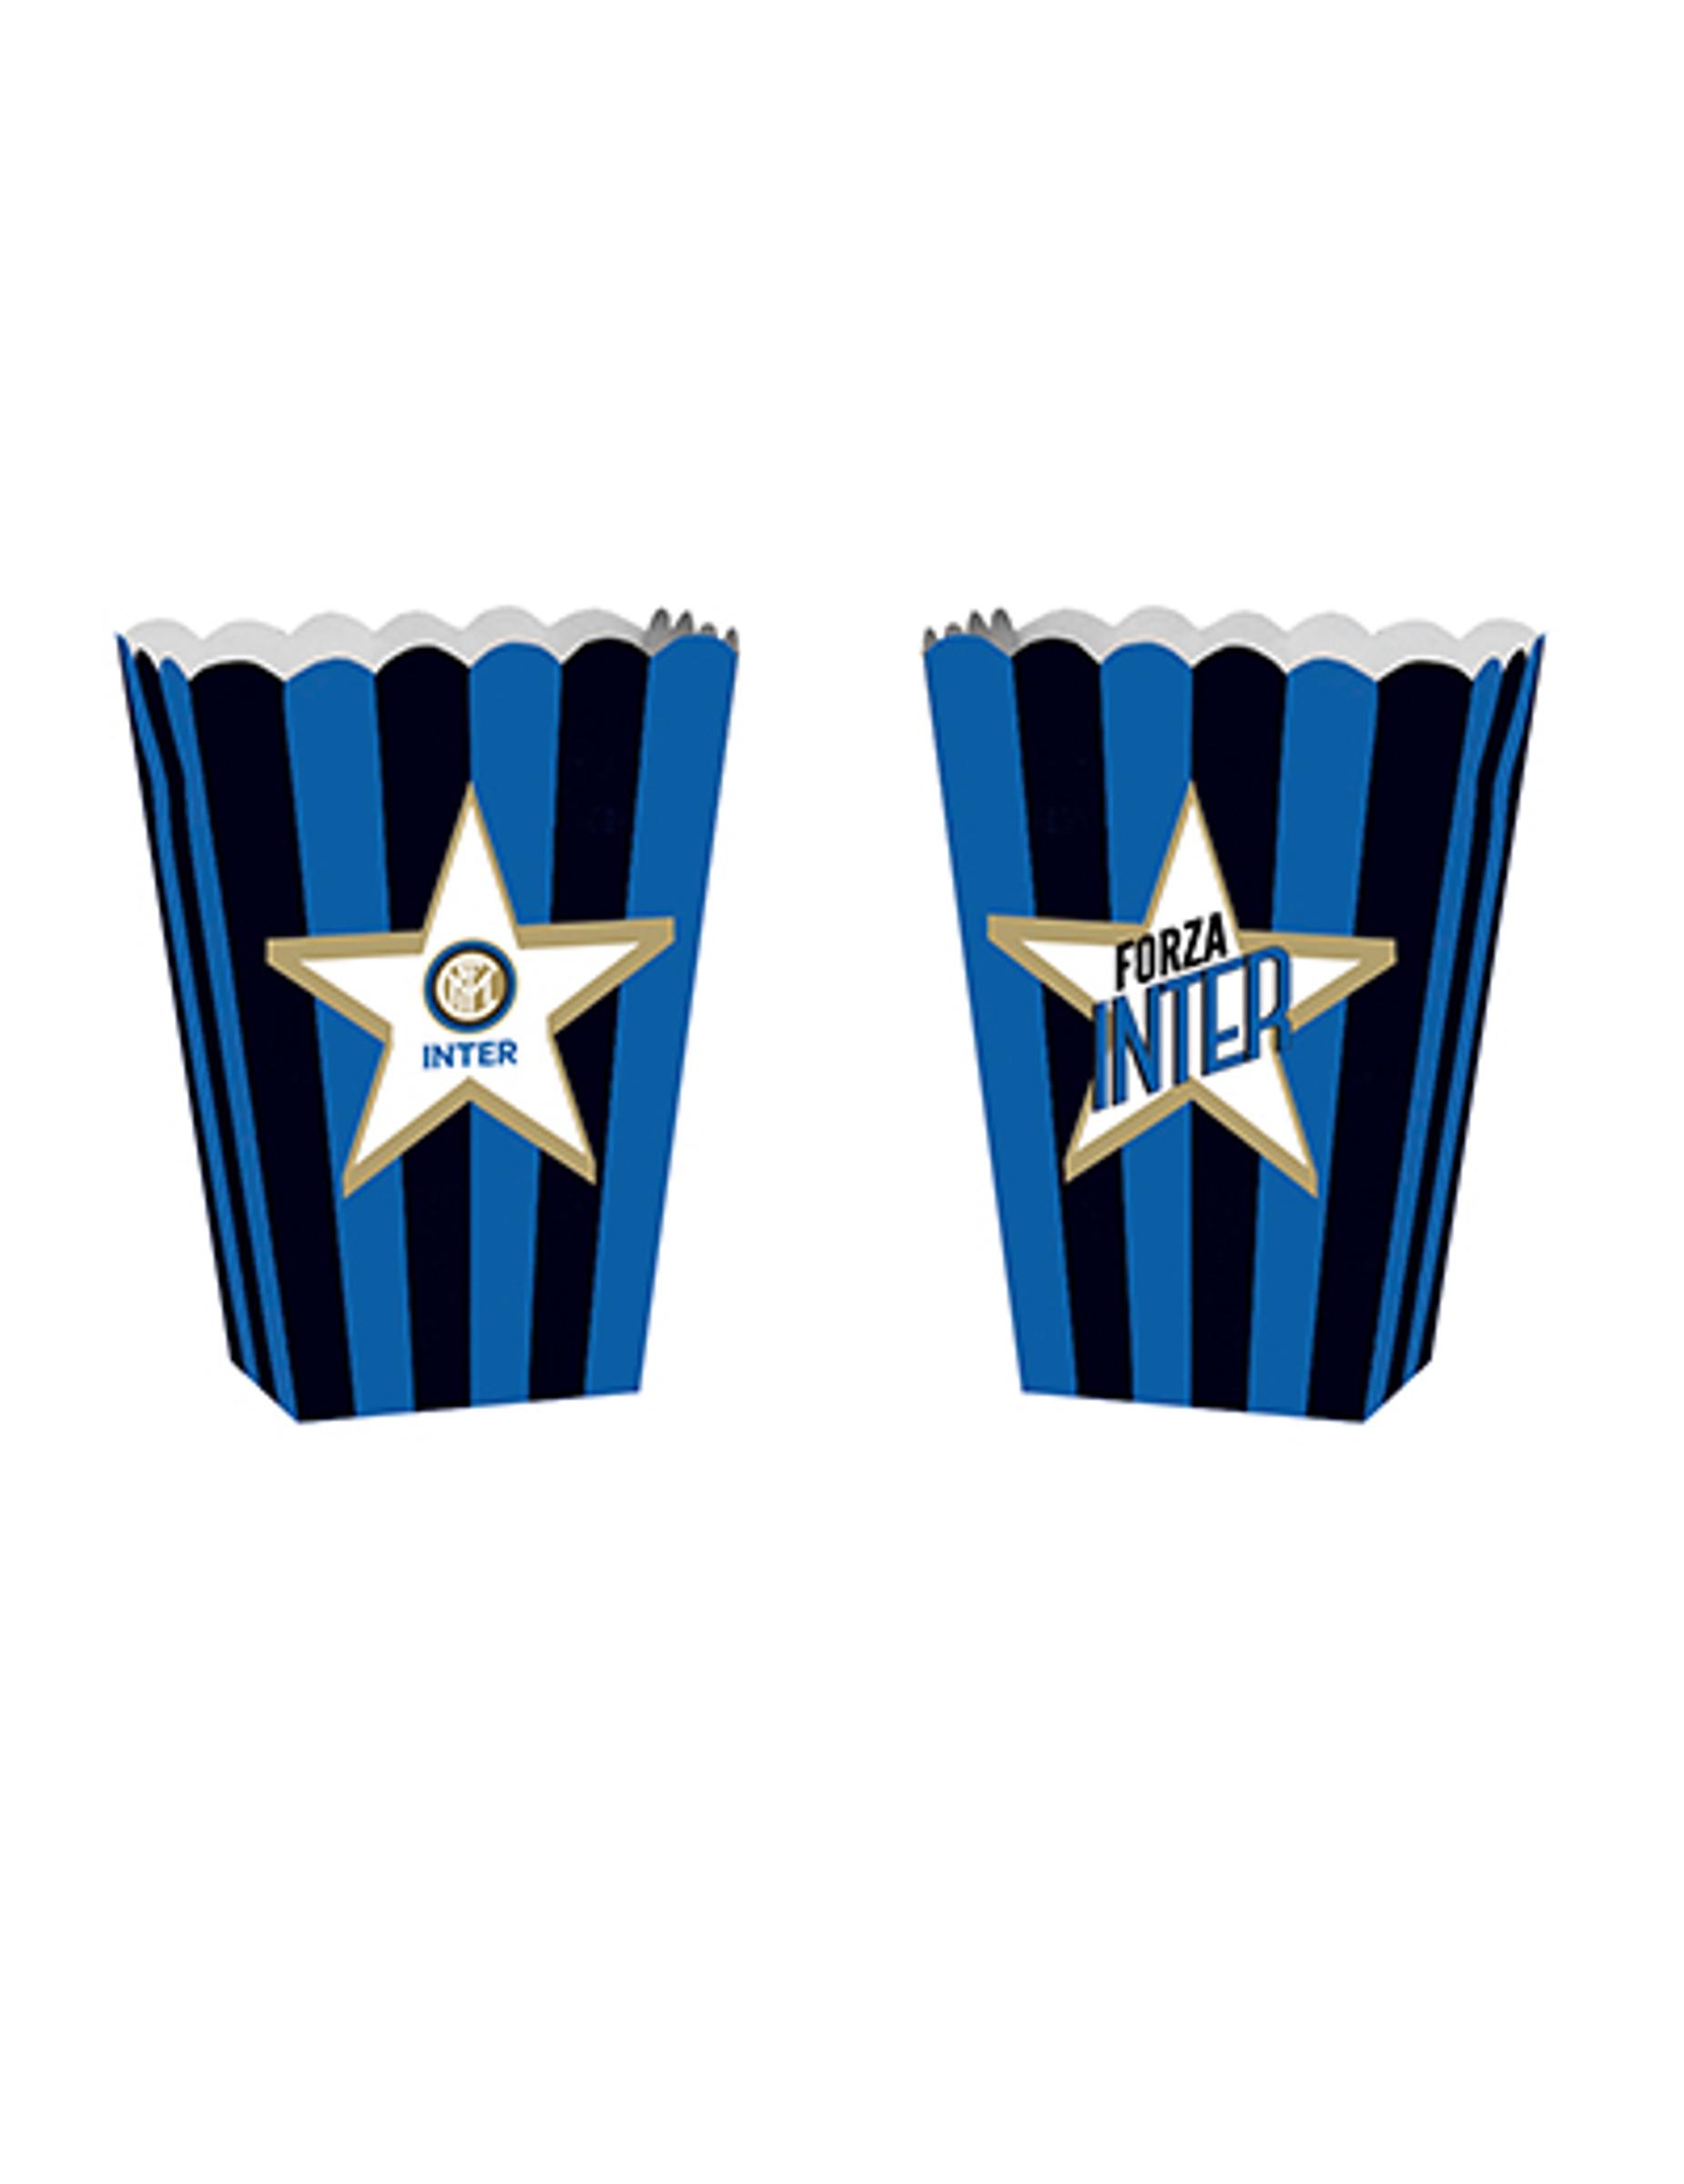 Inter Mailand Popcorn Behalter Fussball Zubehor 4 Stuck Blau Schwarz 13 5x8 5x19cm Partydeko Und Gunstige Faschingskostume Vegaoo